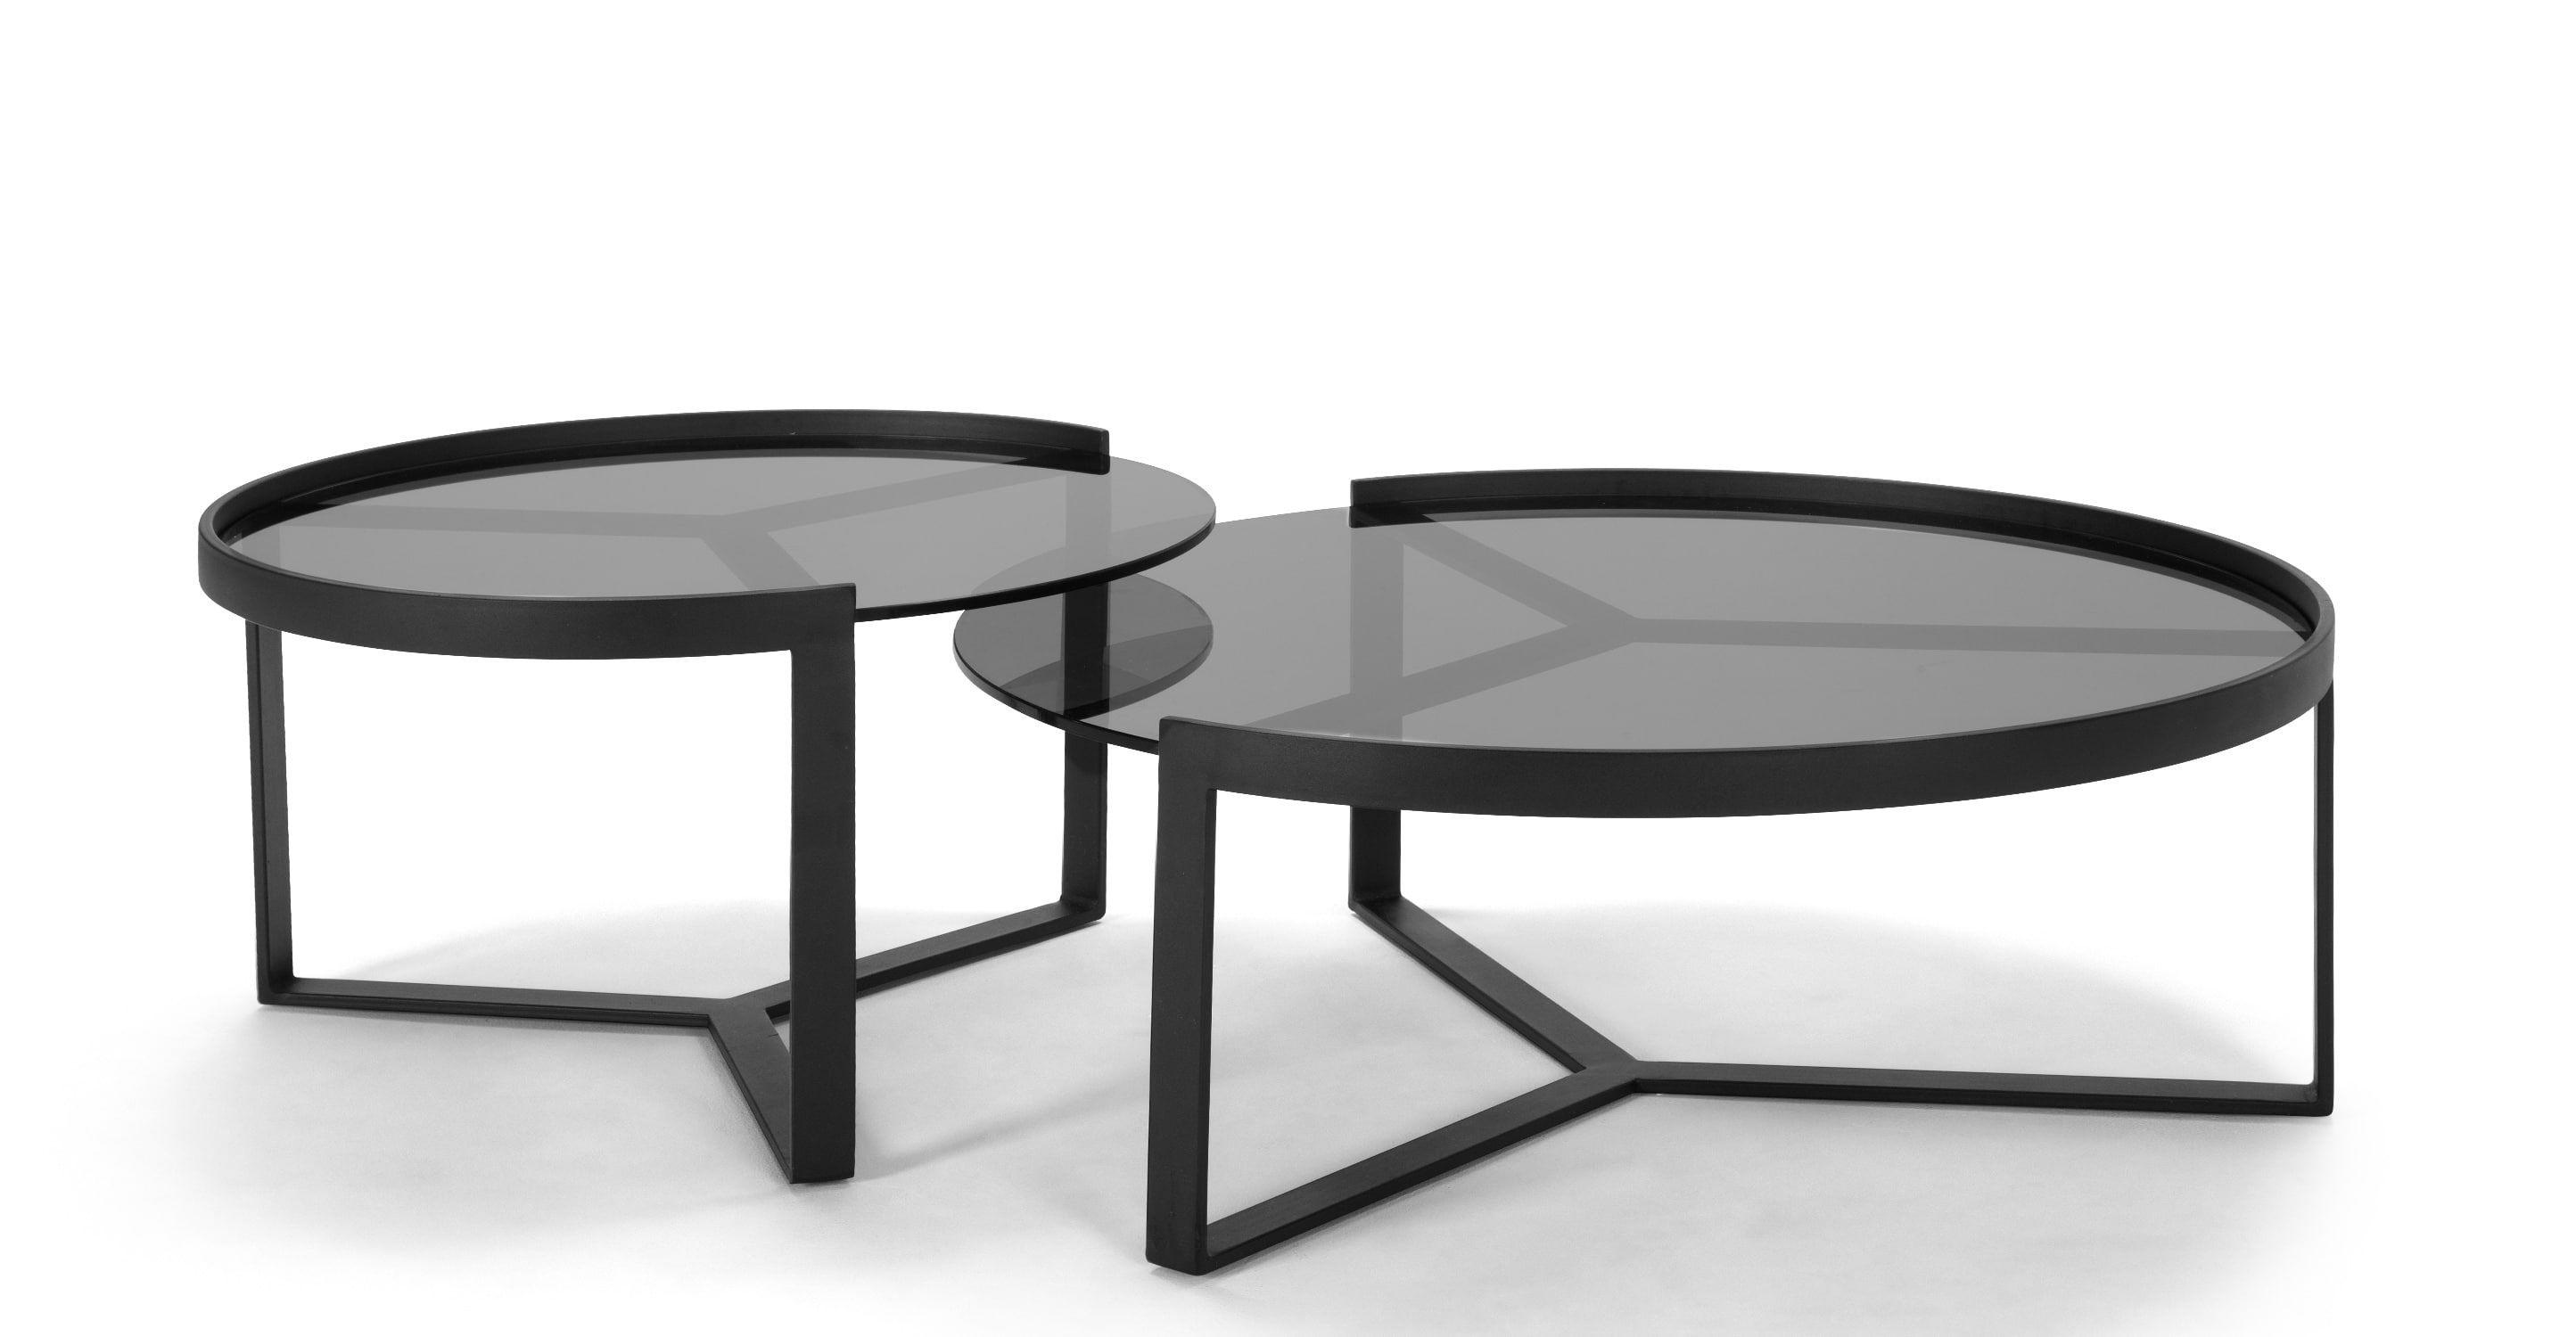 5bb63b743ab738457f8adea0afb48f7e Frais De Tables Basses Gigognes Concept